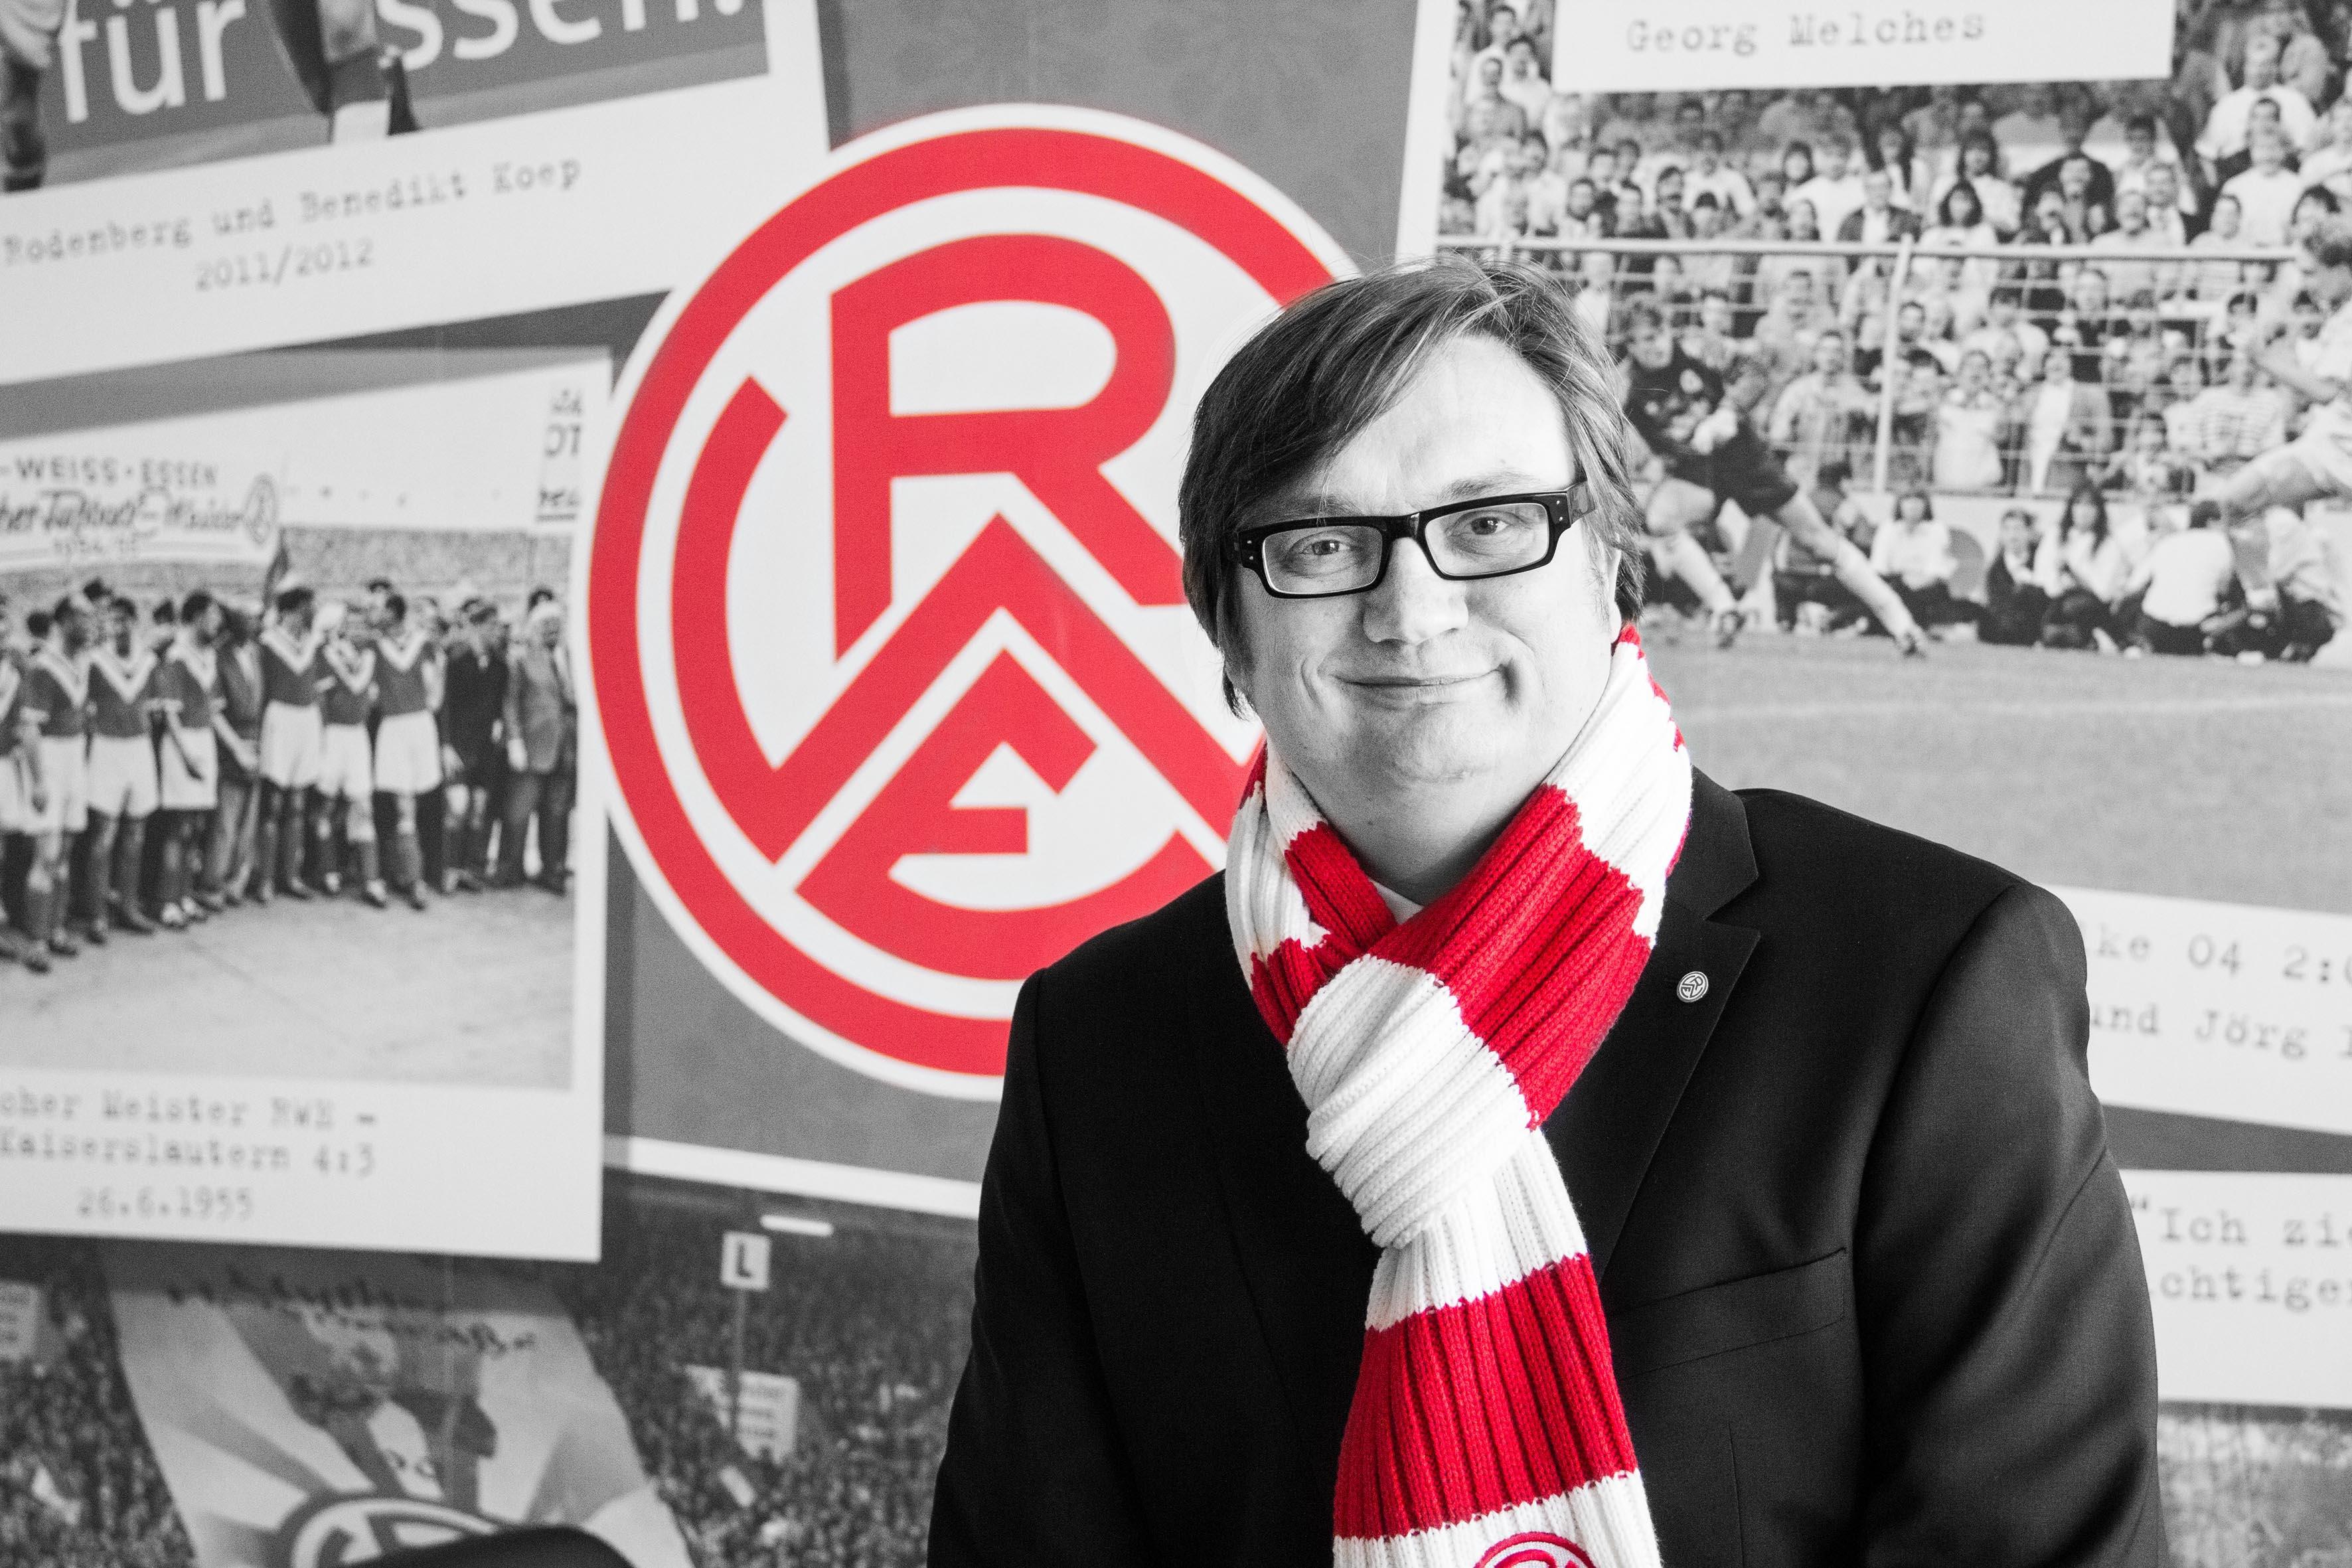 Das Vorwort des 1. Vorsitzenden Prof. Dr. Michael Welling zum Spiel gegen Rot-Weiß Oberhausen. (Foto: RWE)